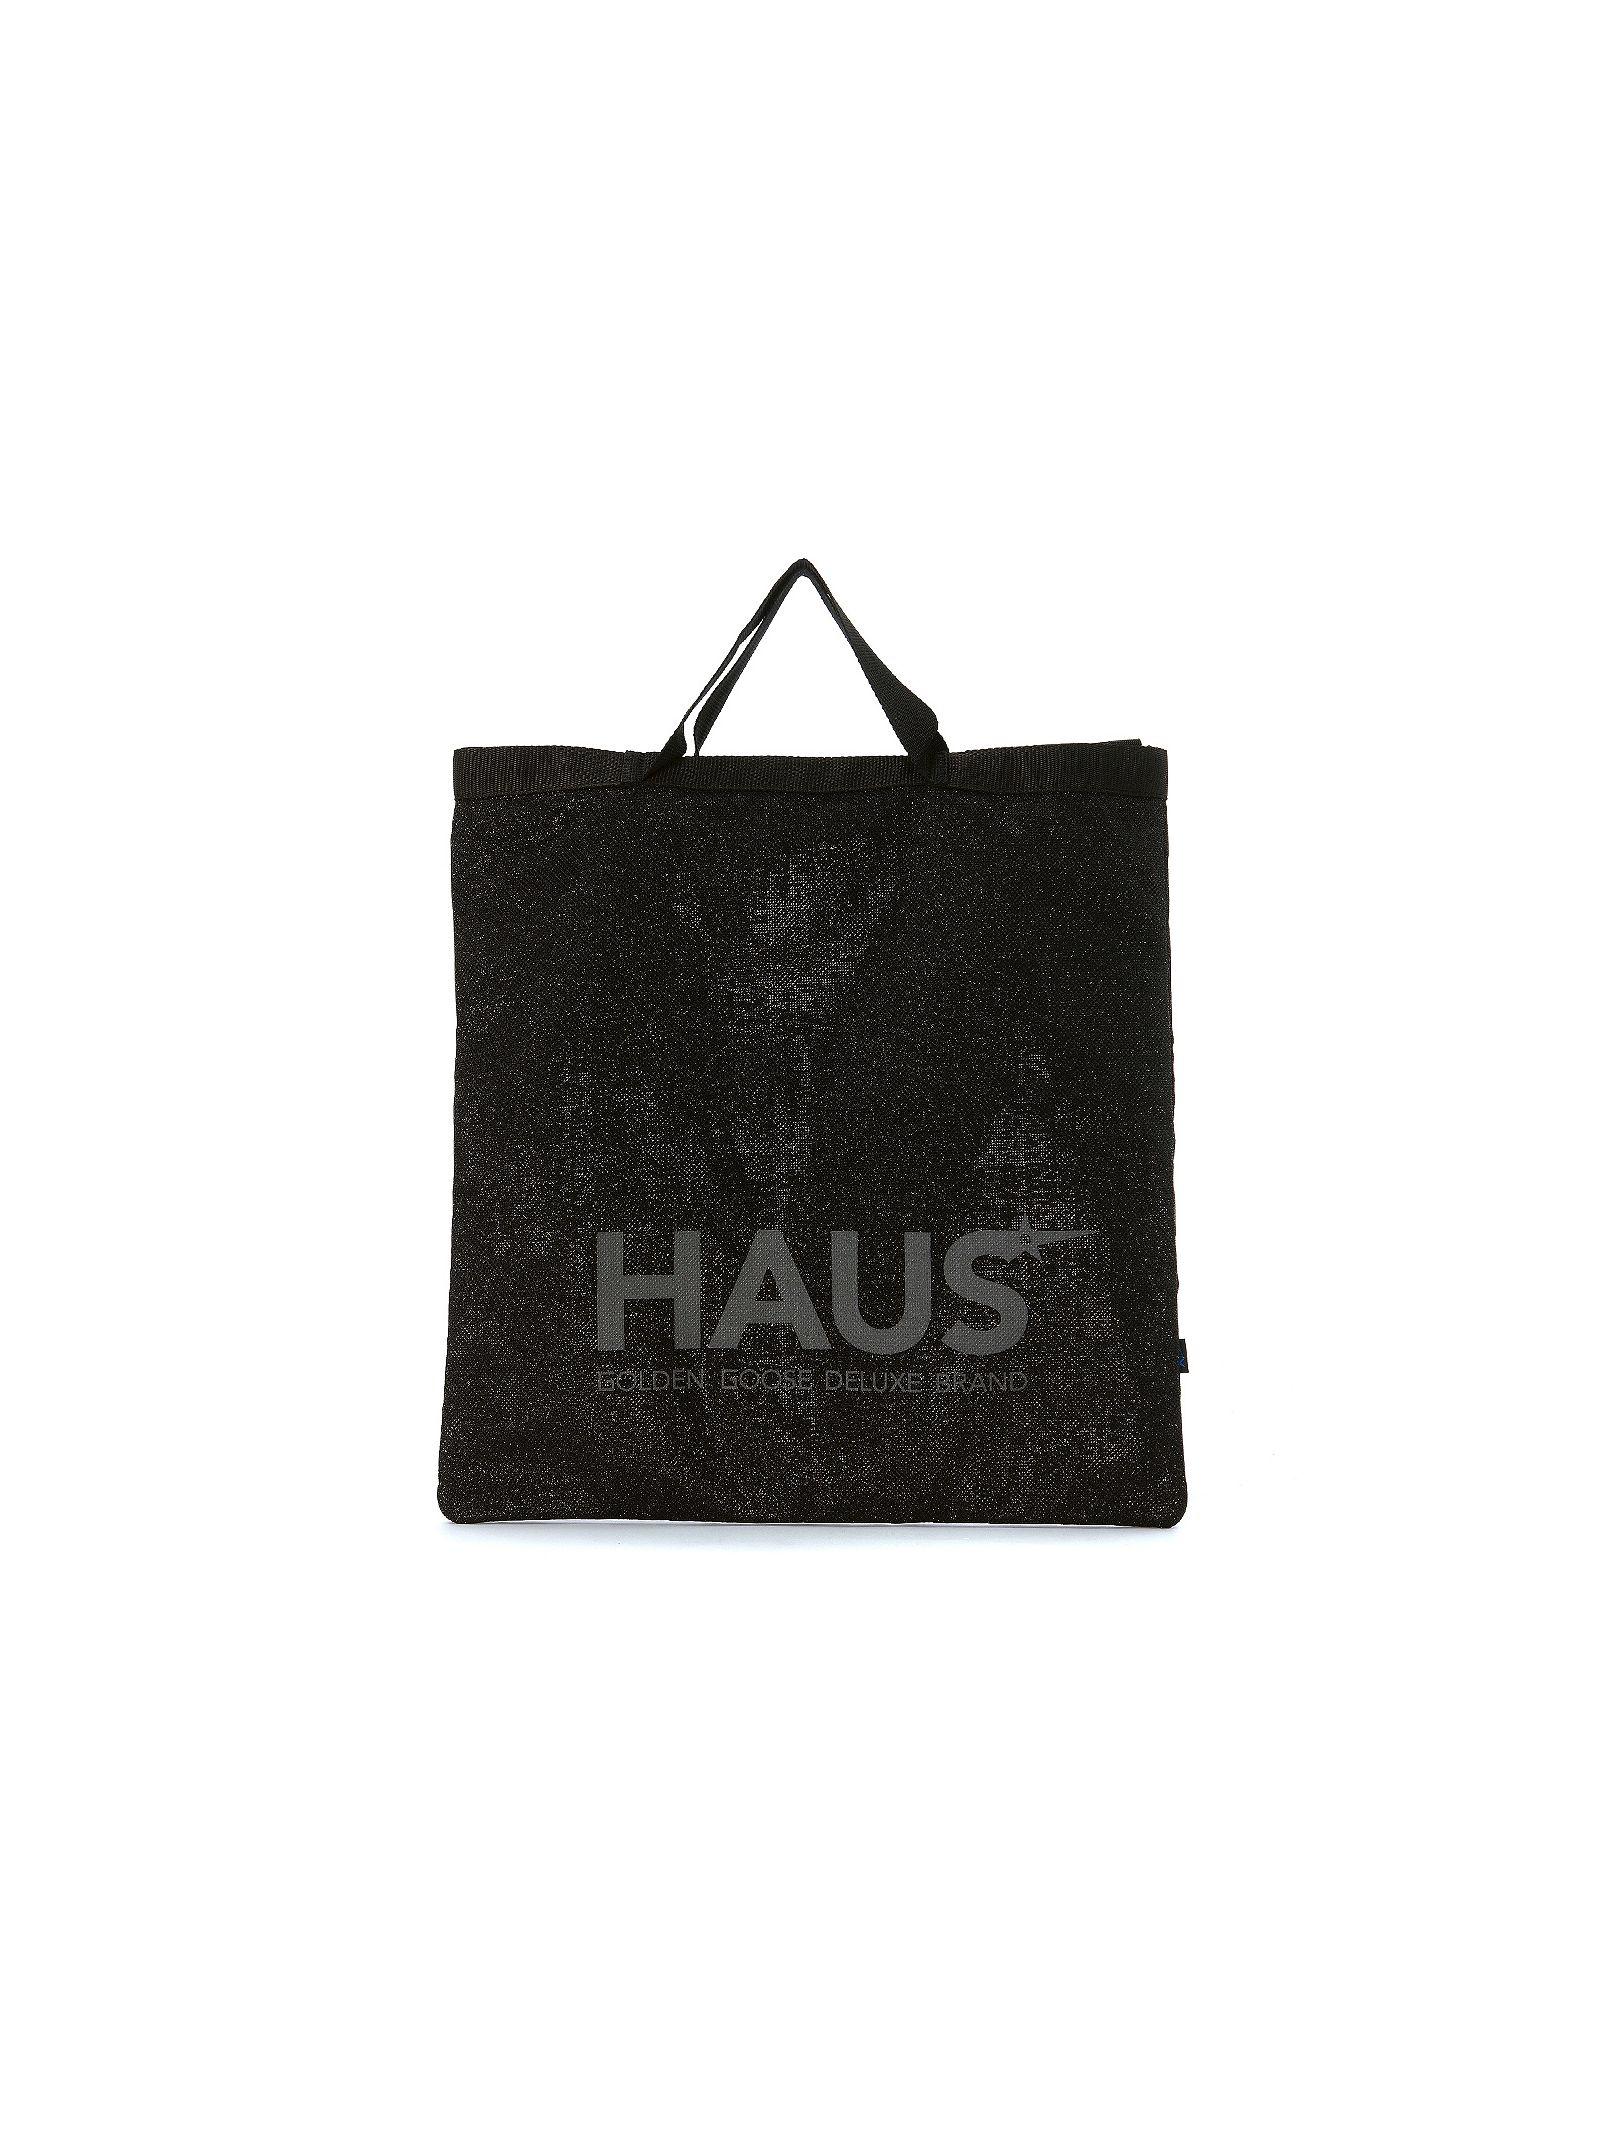 Haus Golden Goose Black Glitter Shopping Handbag